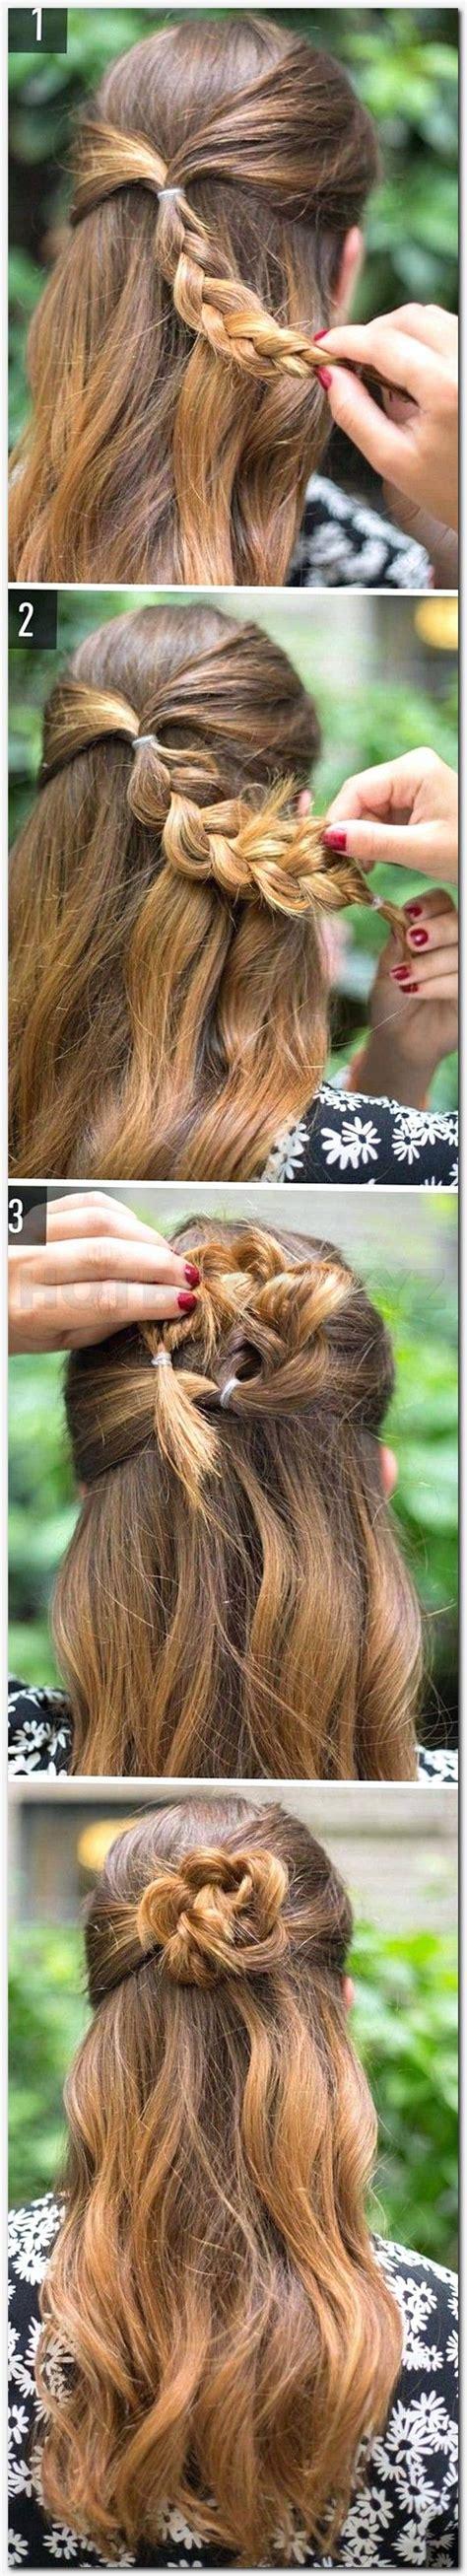 thin hair updo ideas  pinterest bridesmaid